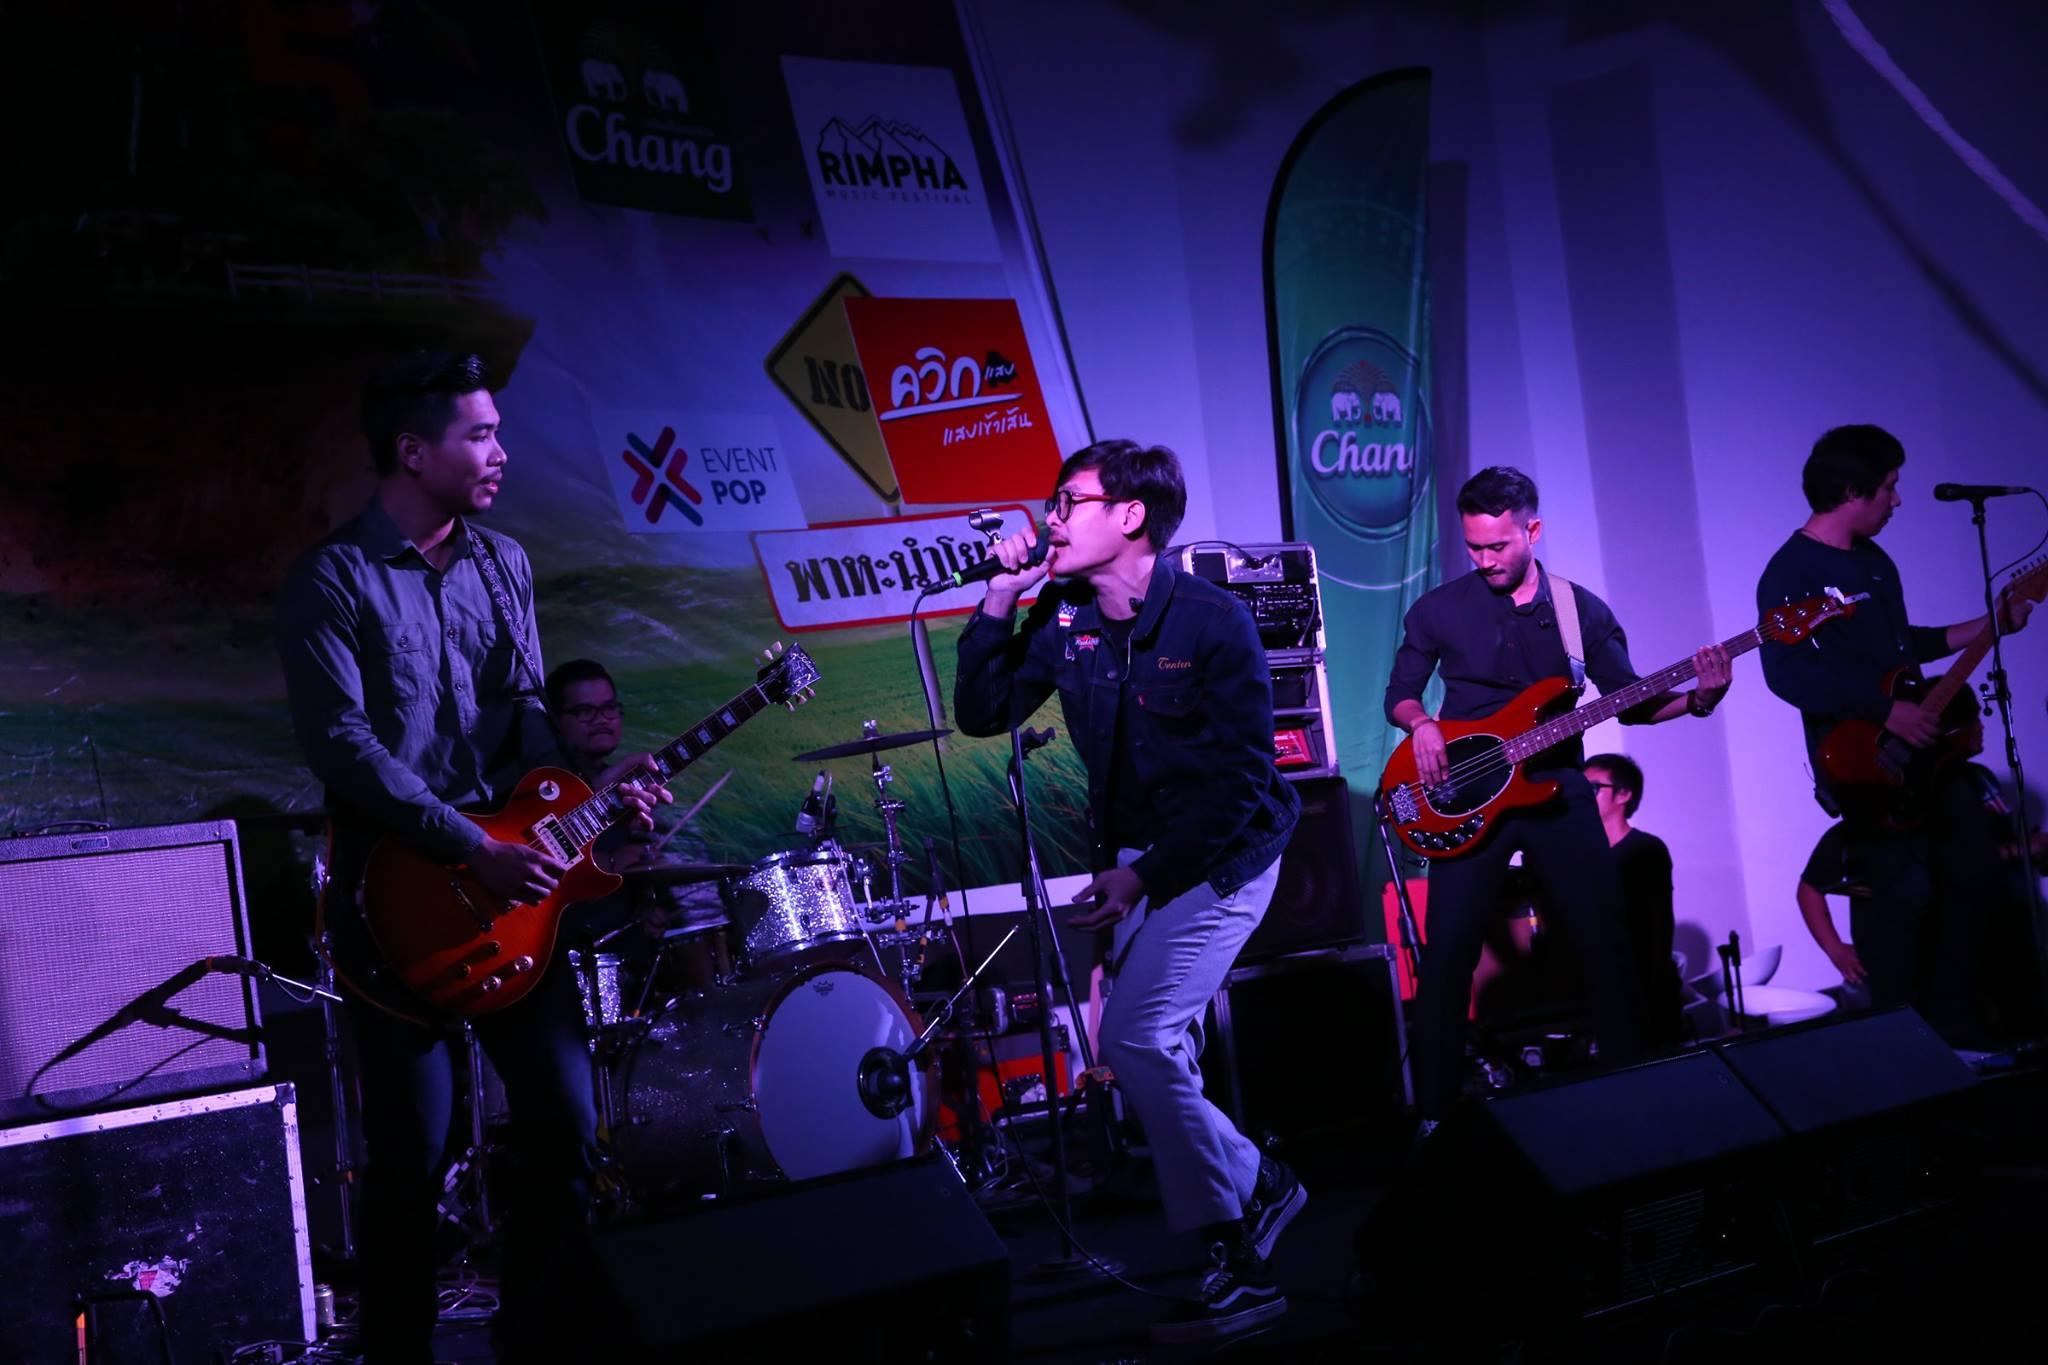 เทศกาลดนตรี ริมผา มิวสิค เฟสติวัล ครั้งที่ 5